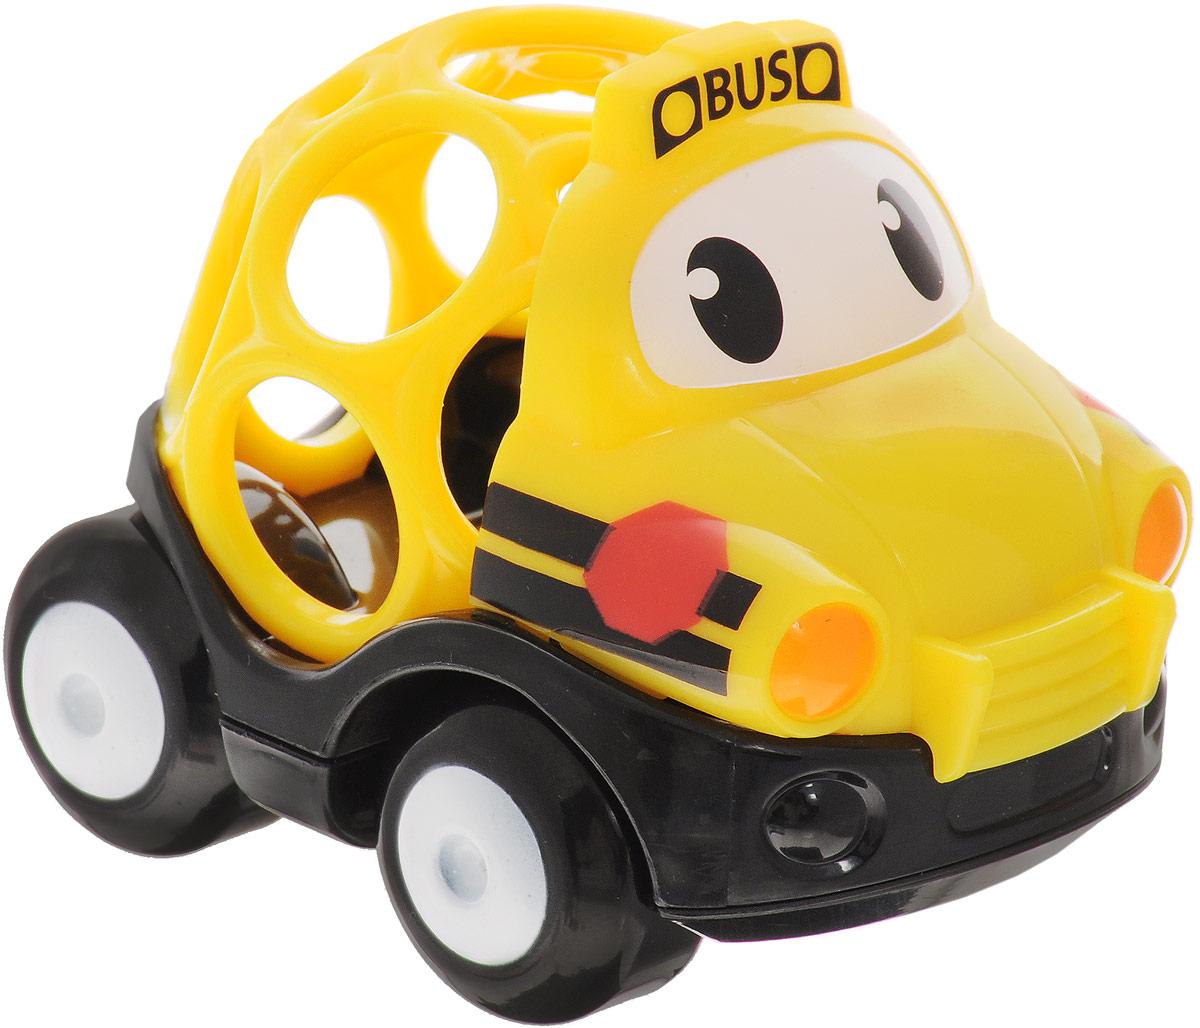 Oball Машинка Школьный автобус10311-2Машинка Oball Школьный автобус из серии Только вперед! представлена в виде развивающей игрушки для малышей. Кузов машинки выполнен в форме шара с большими отверстиями, которые ребенку будет интересно исследовать любопытными пальчиками. У машинки с забавными глазками подвижные большие колеса, поэтому малыш с легкостью будет катать игрушку по любым гладким поверхностям. Машинка изготовлена из прочного пластика ярких расцветок и совместима с другими игрушками серии Только вперед!, которые приобретаются отдельно.